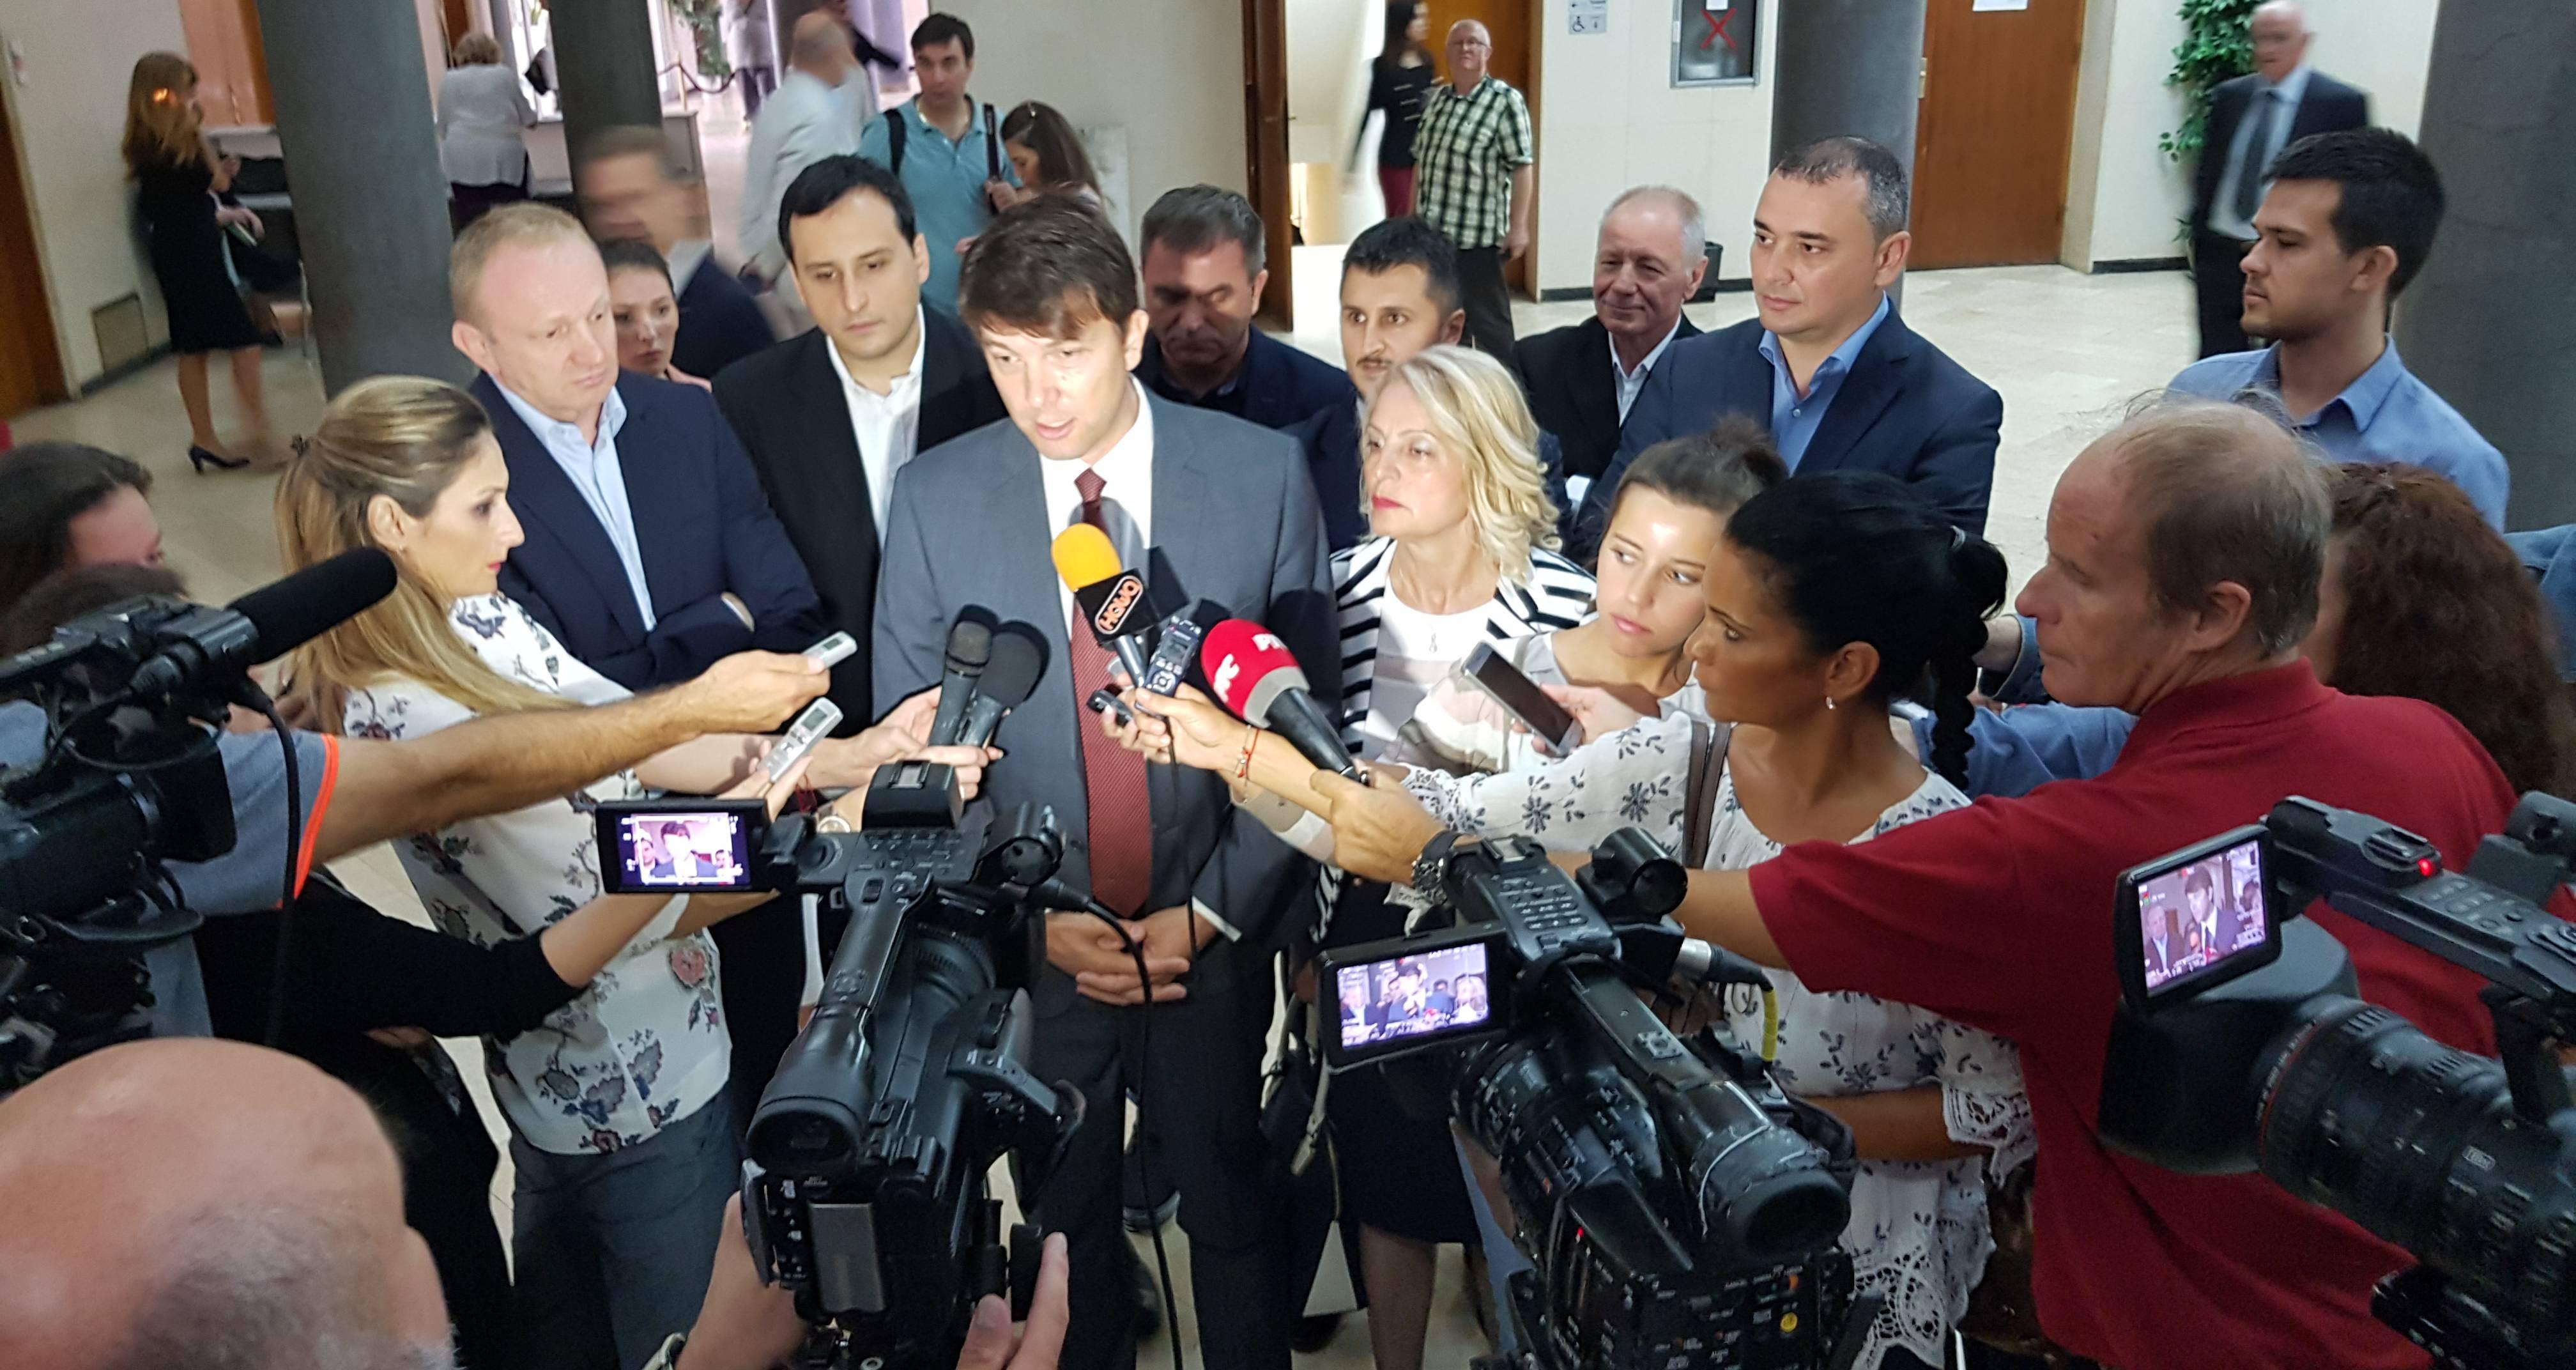 Јовановић: Продајом ПКБ-а власт наставља уништавање Београда и Србије